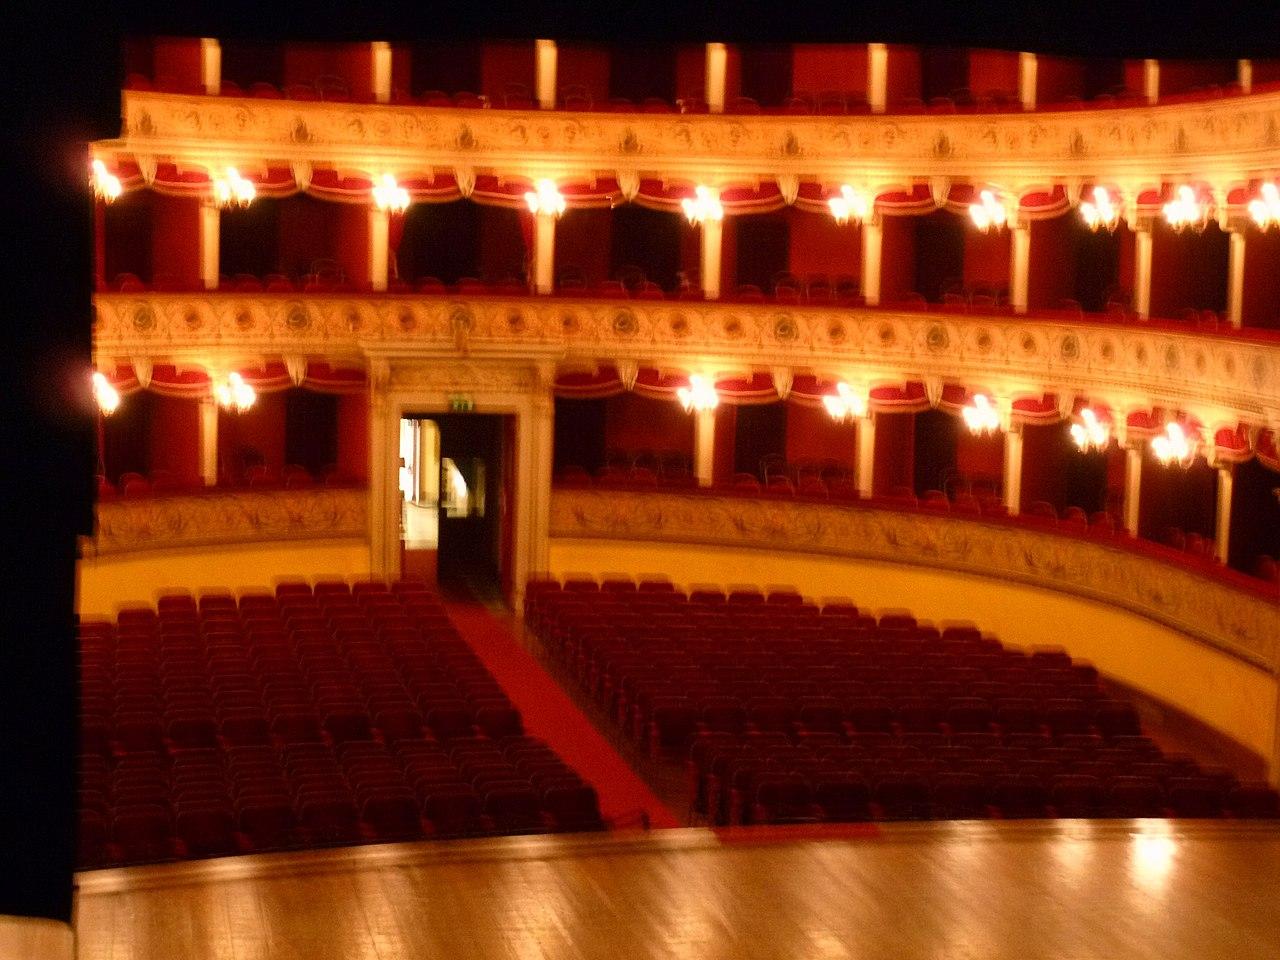 Teatro pirandello.JPG